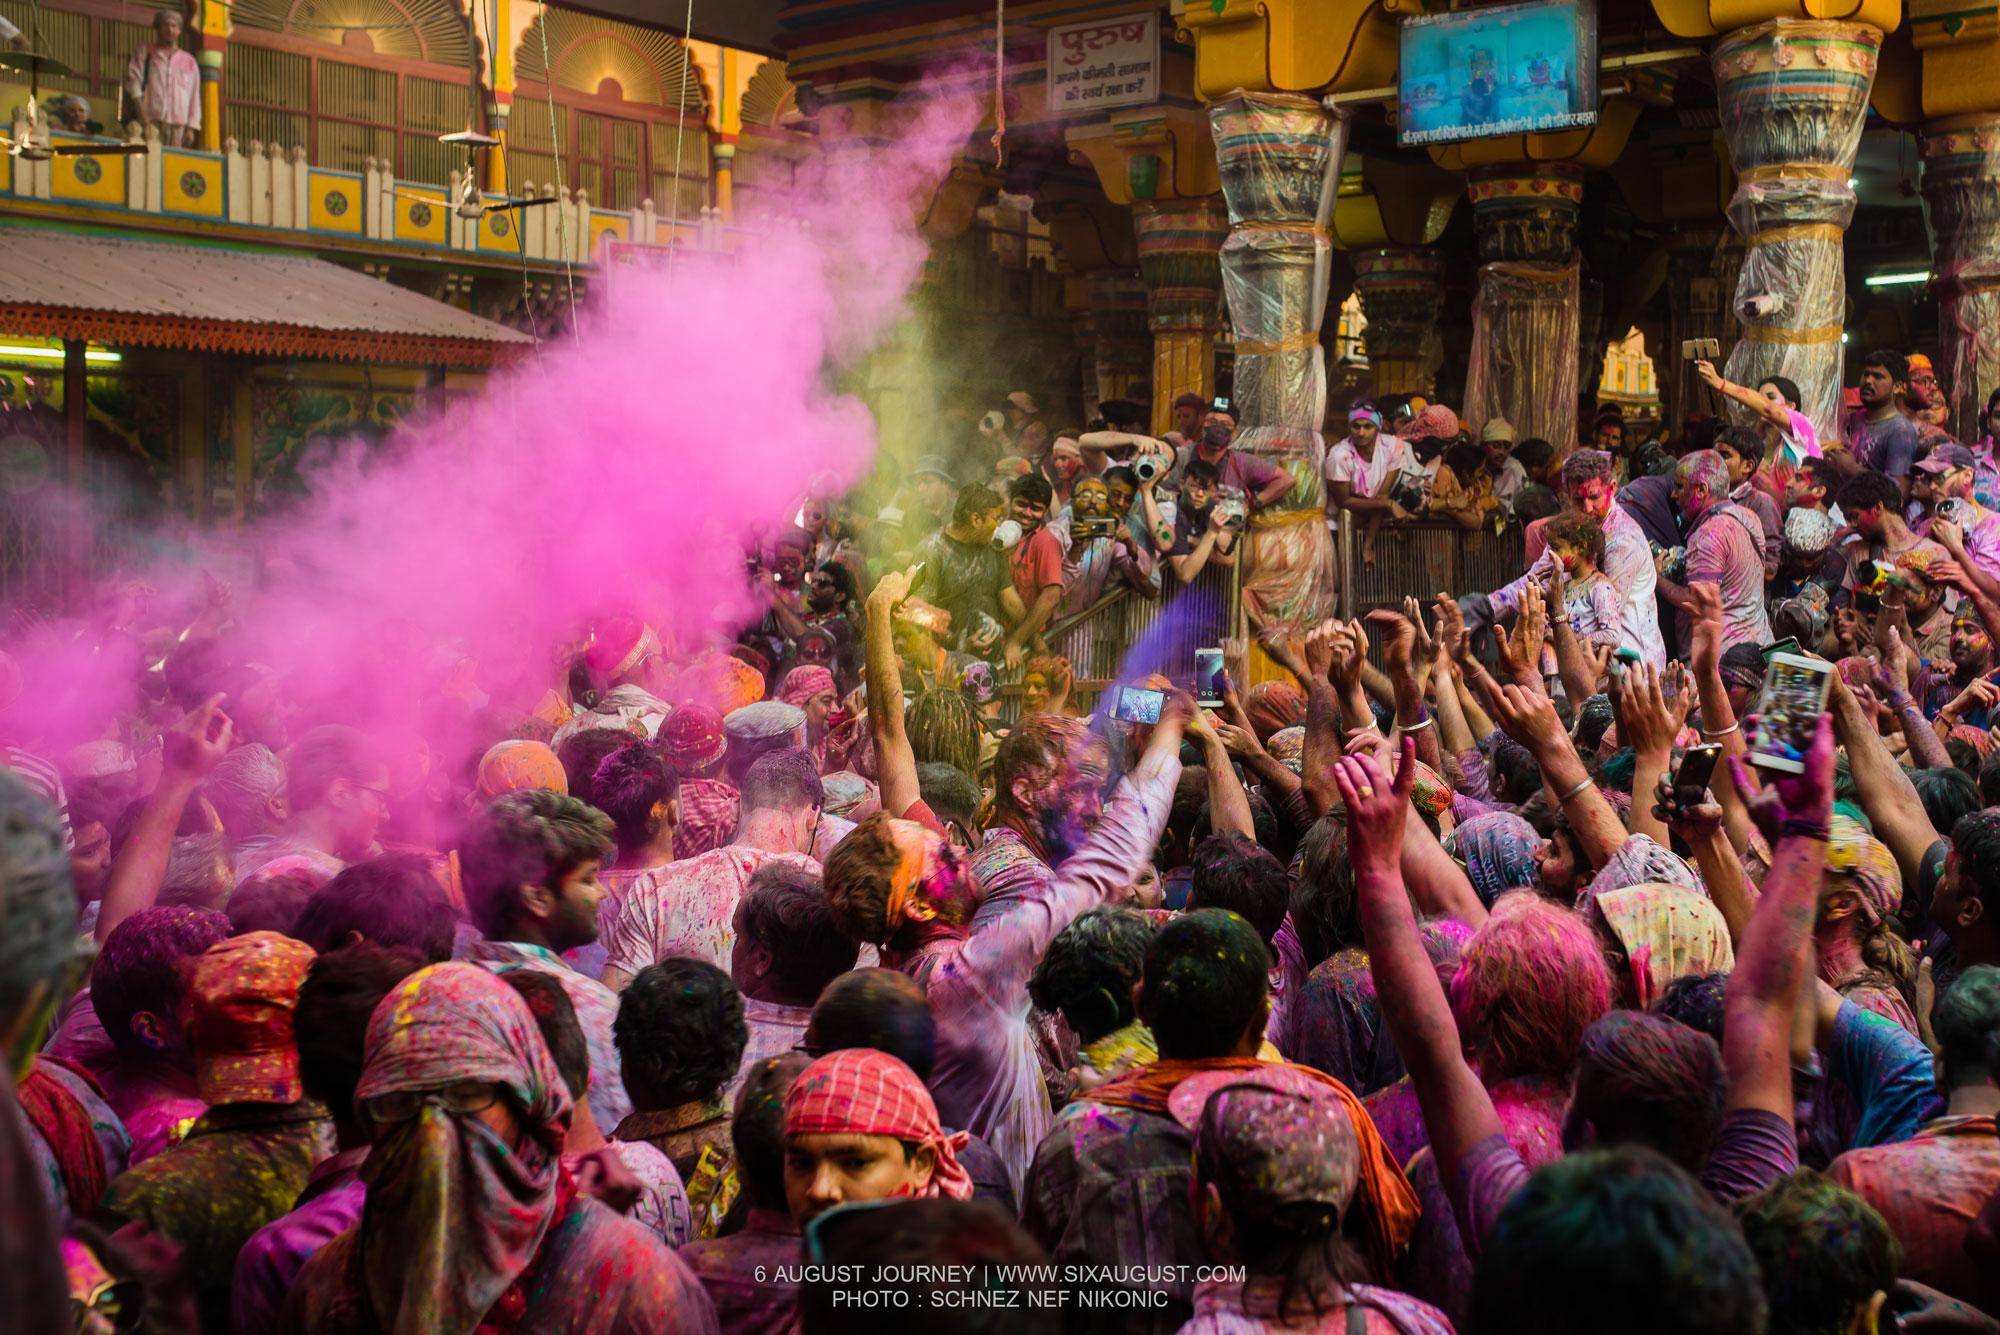 เทศกาล Holi สีชมพู